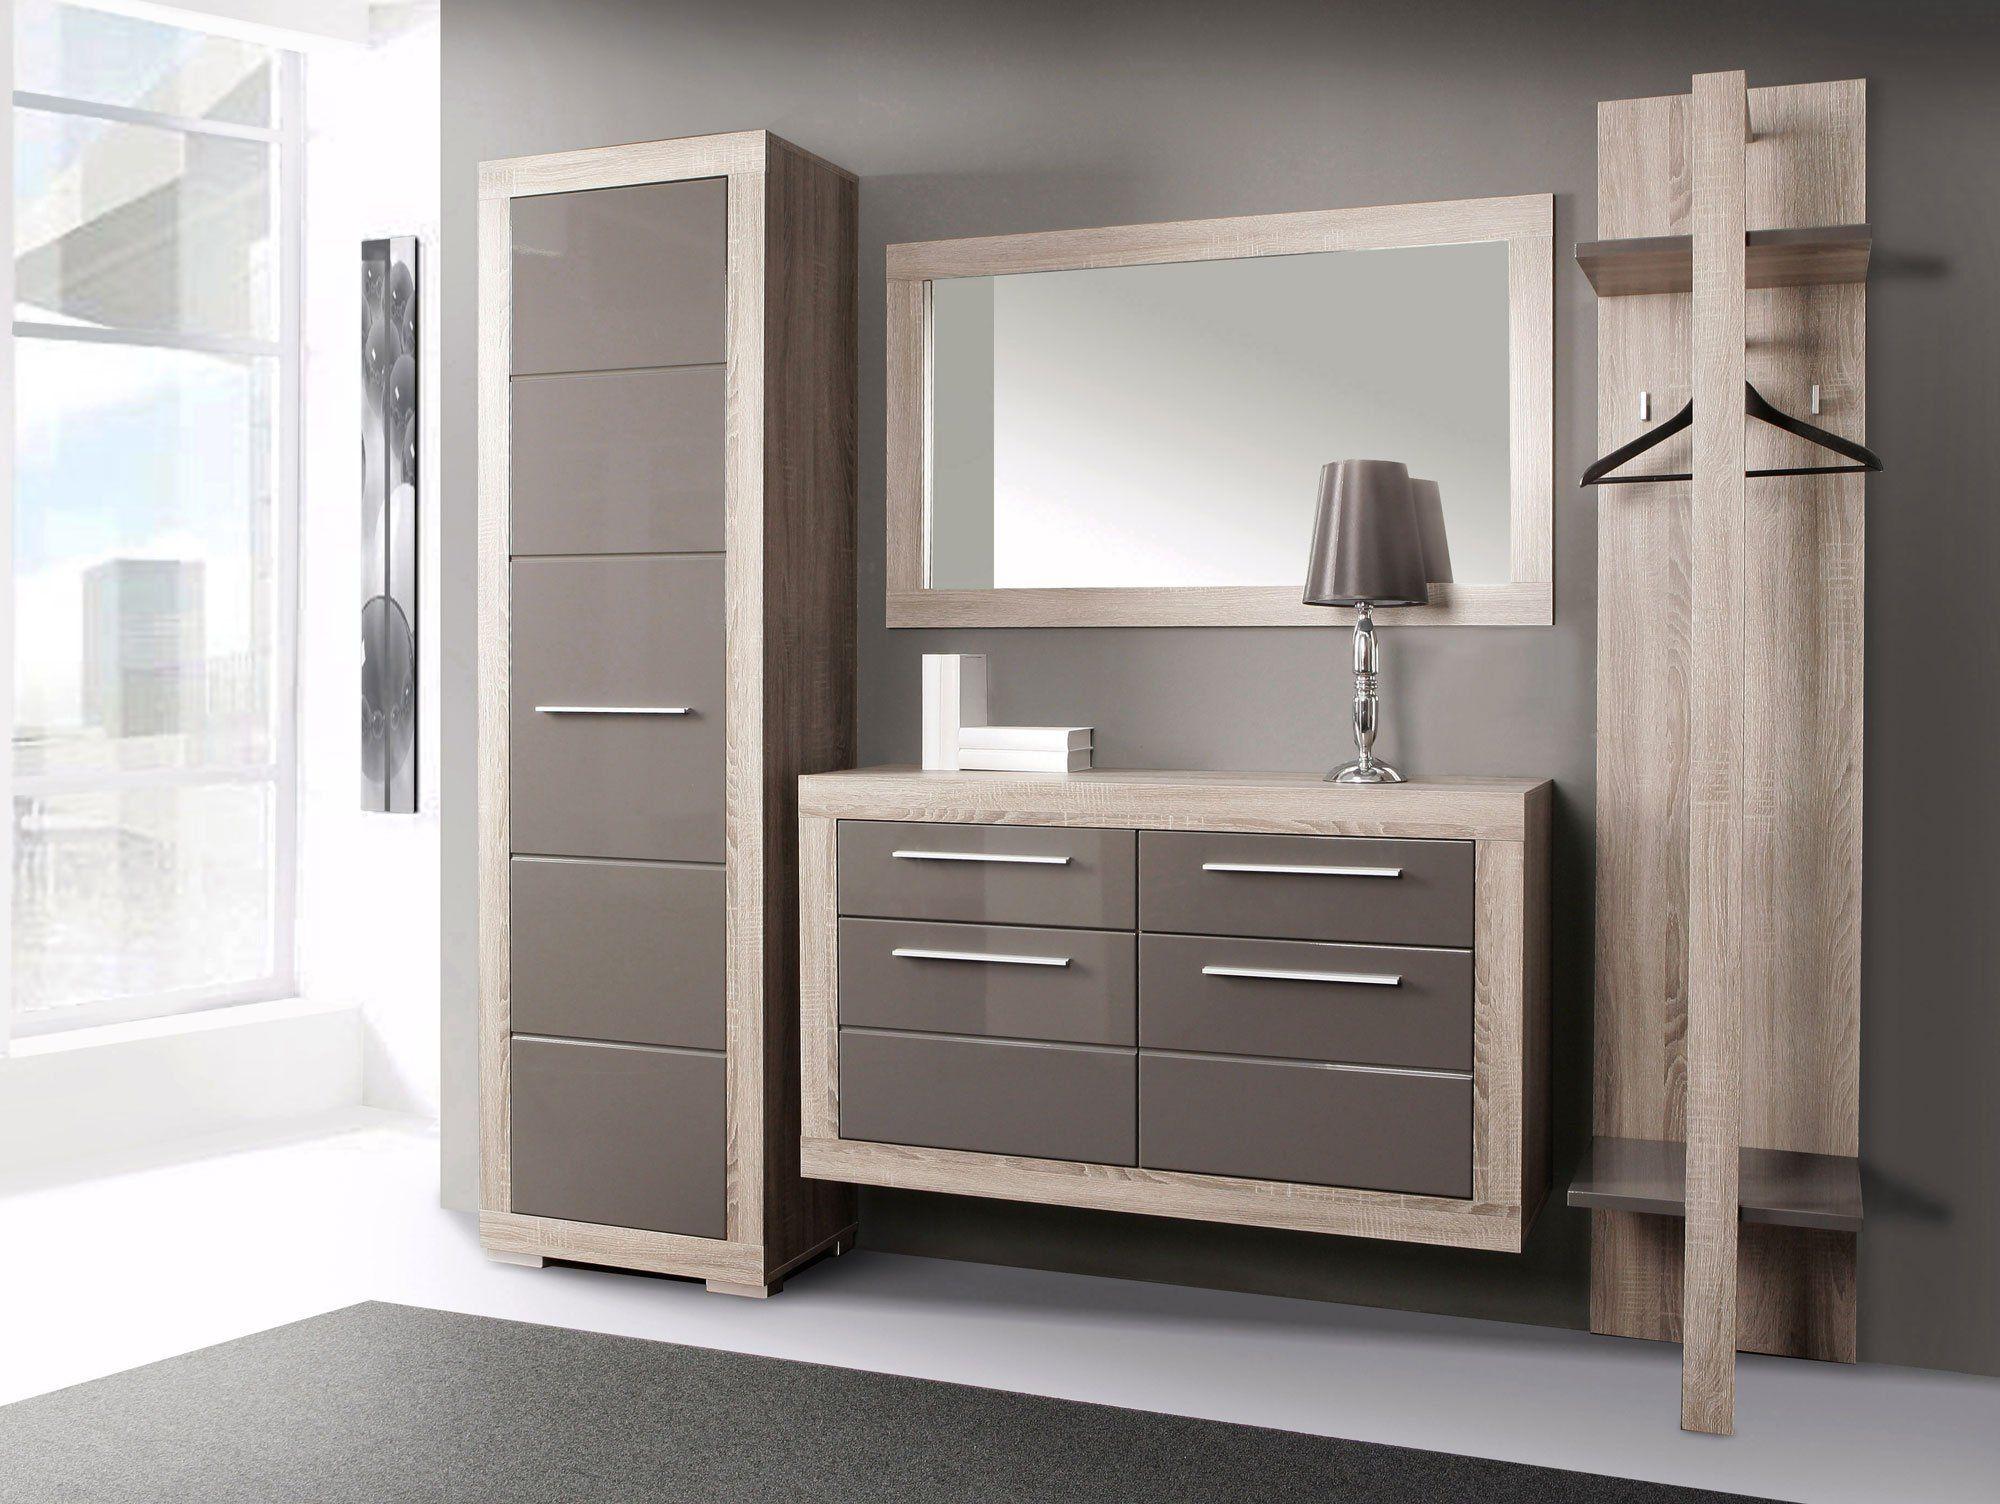 Eckschrank Garderobe 9 Deutsche Dekor 2019 Wohnkultur Online